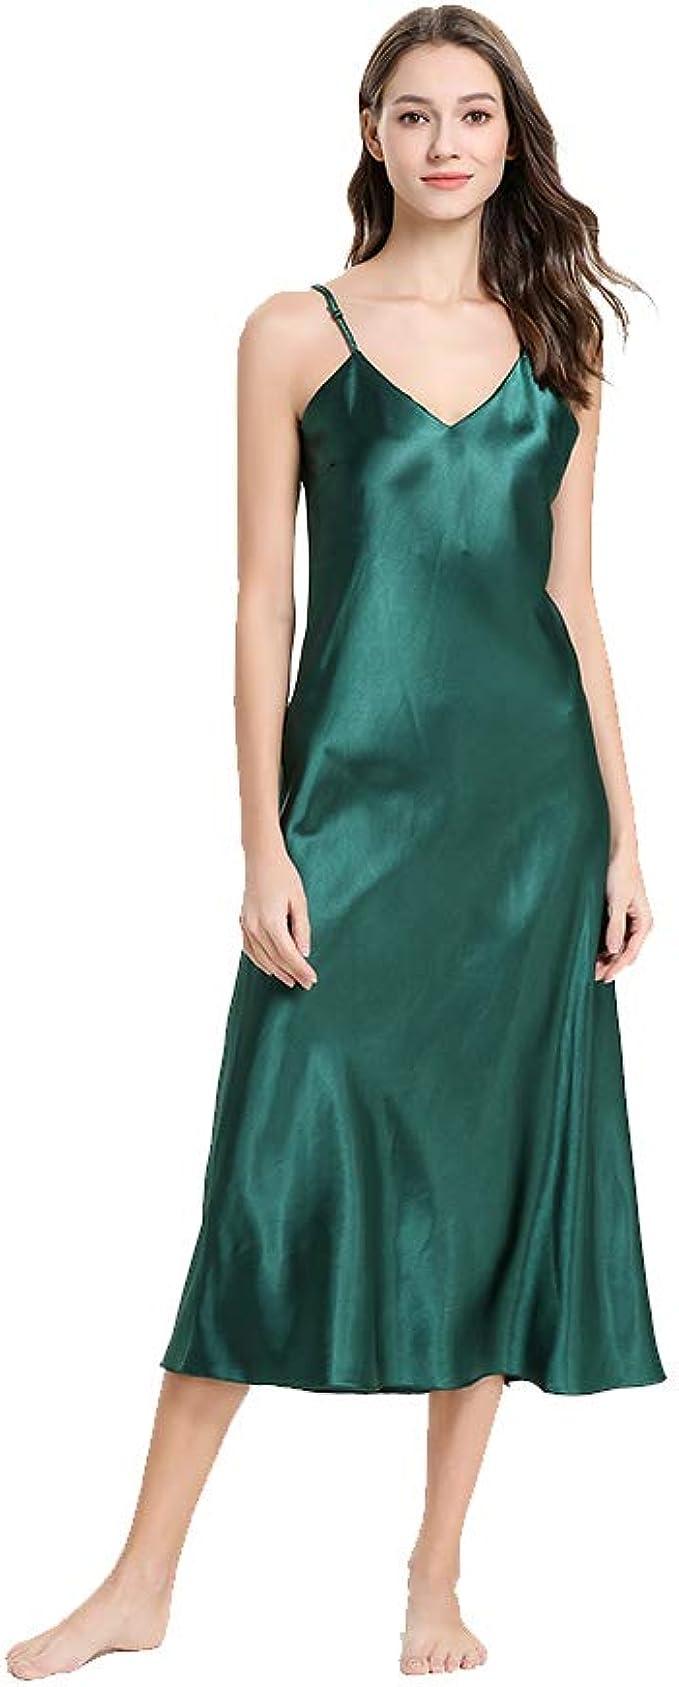 Mini Balabala Damen Satin Nachthemd Babydoll Negligee Rückenfrei Nachtkleid  Nachtwäsche Kleid Lingerie Sleepwear kurz